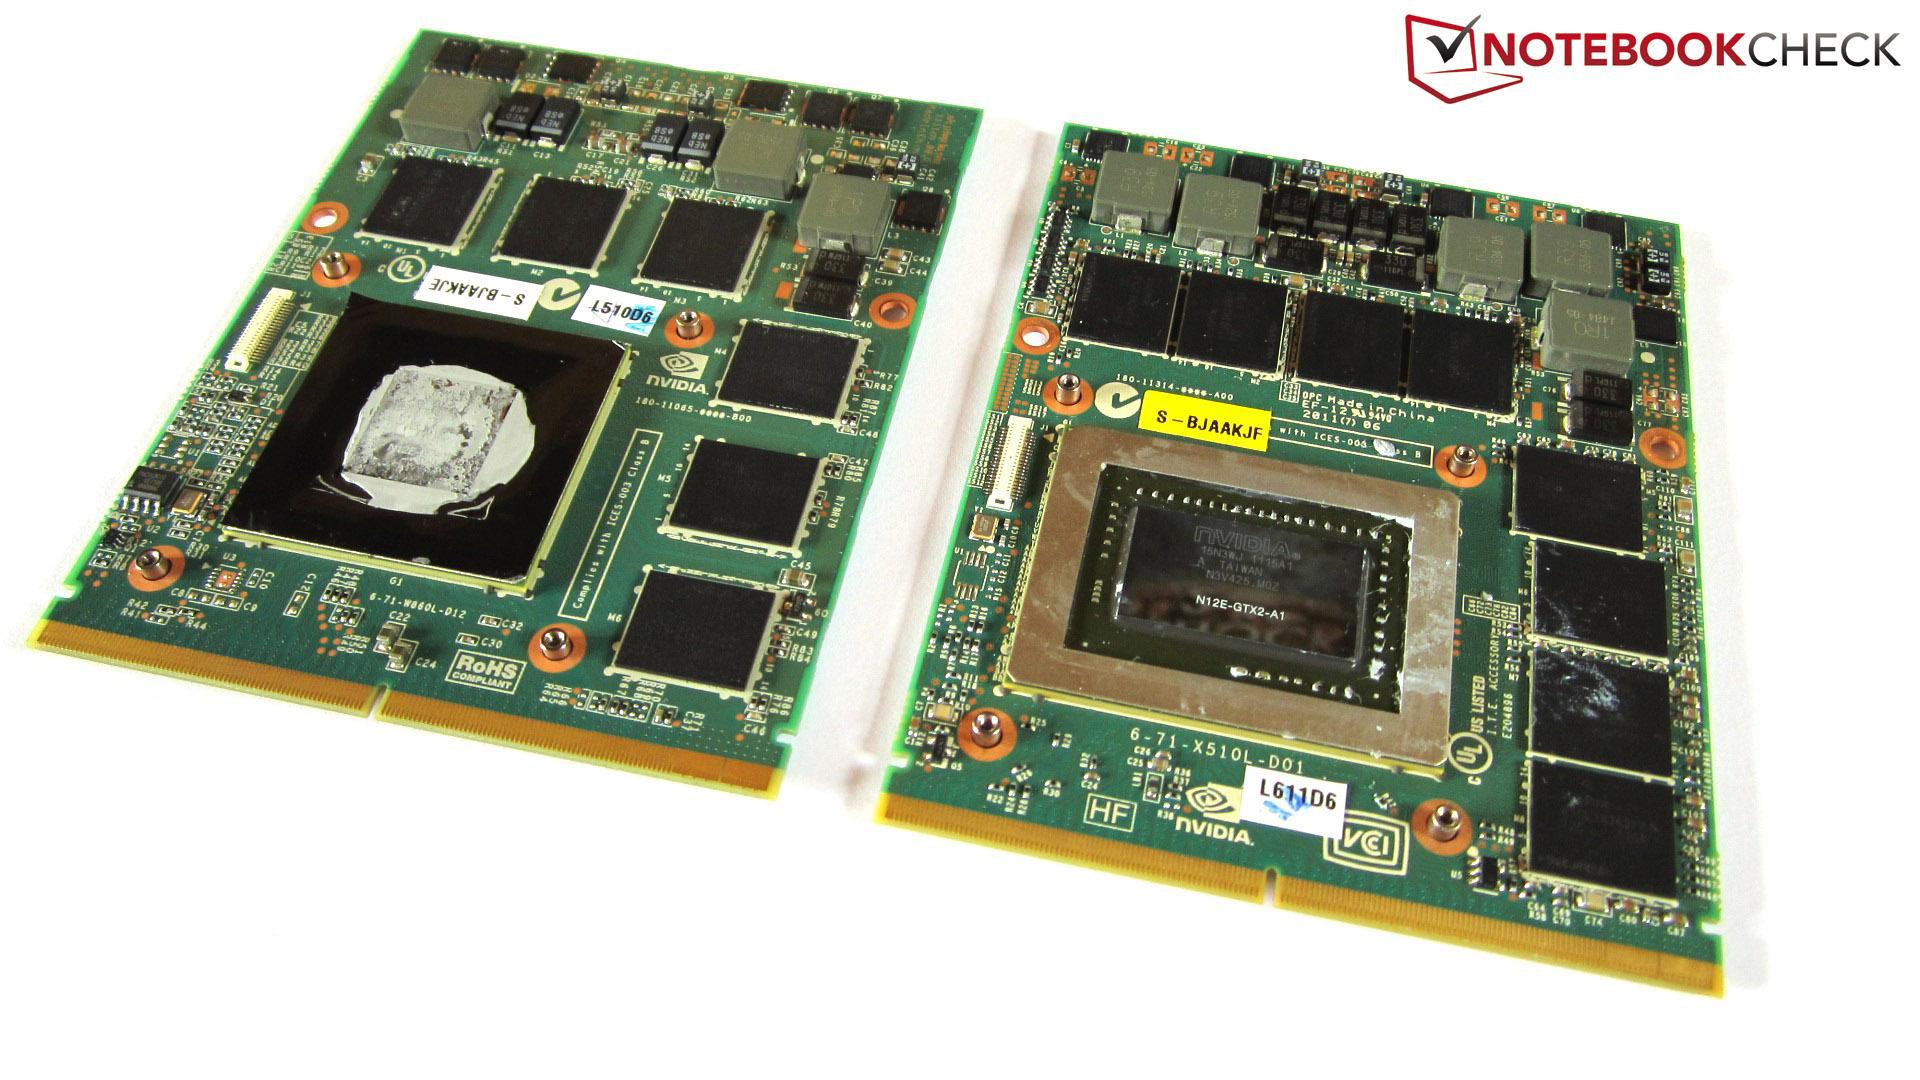 Купить видеокарту nvidia geforce gtx 580m для ноутбука мощность видеокарт для майнинга